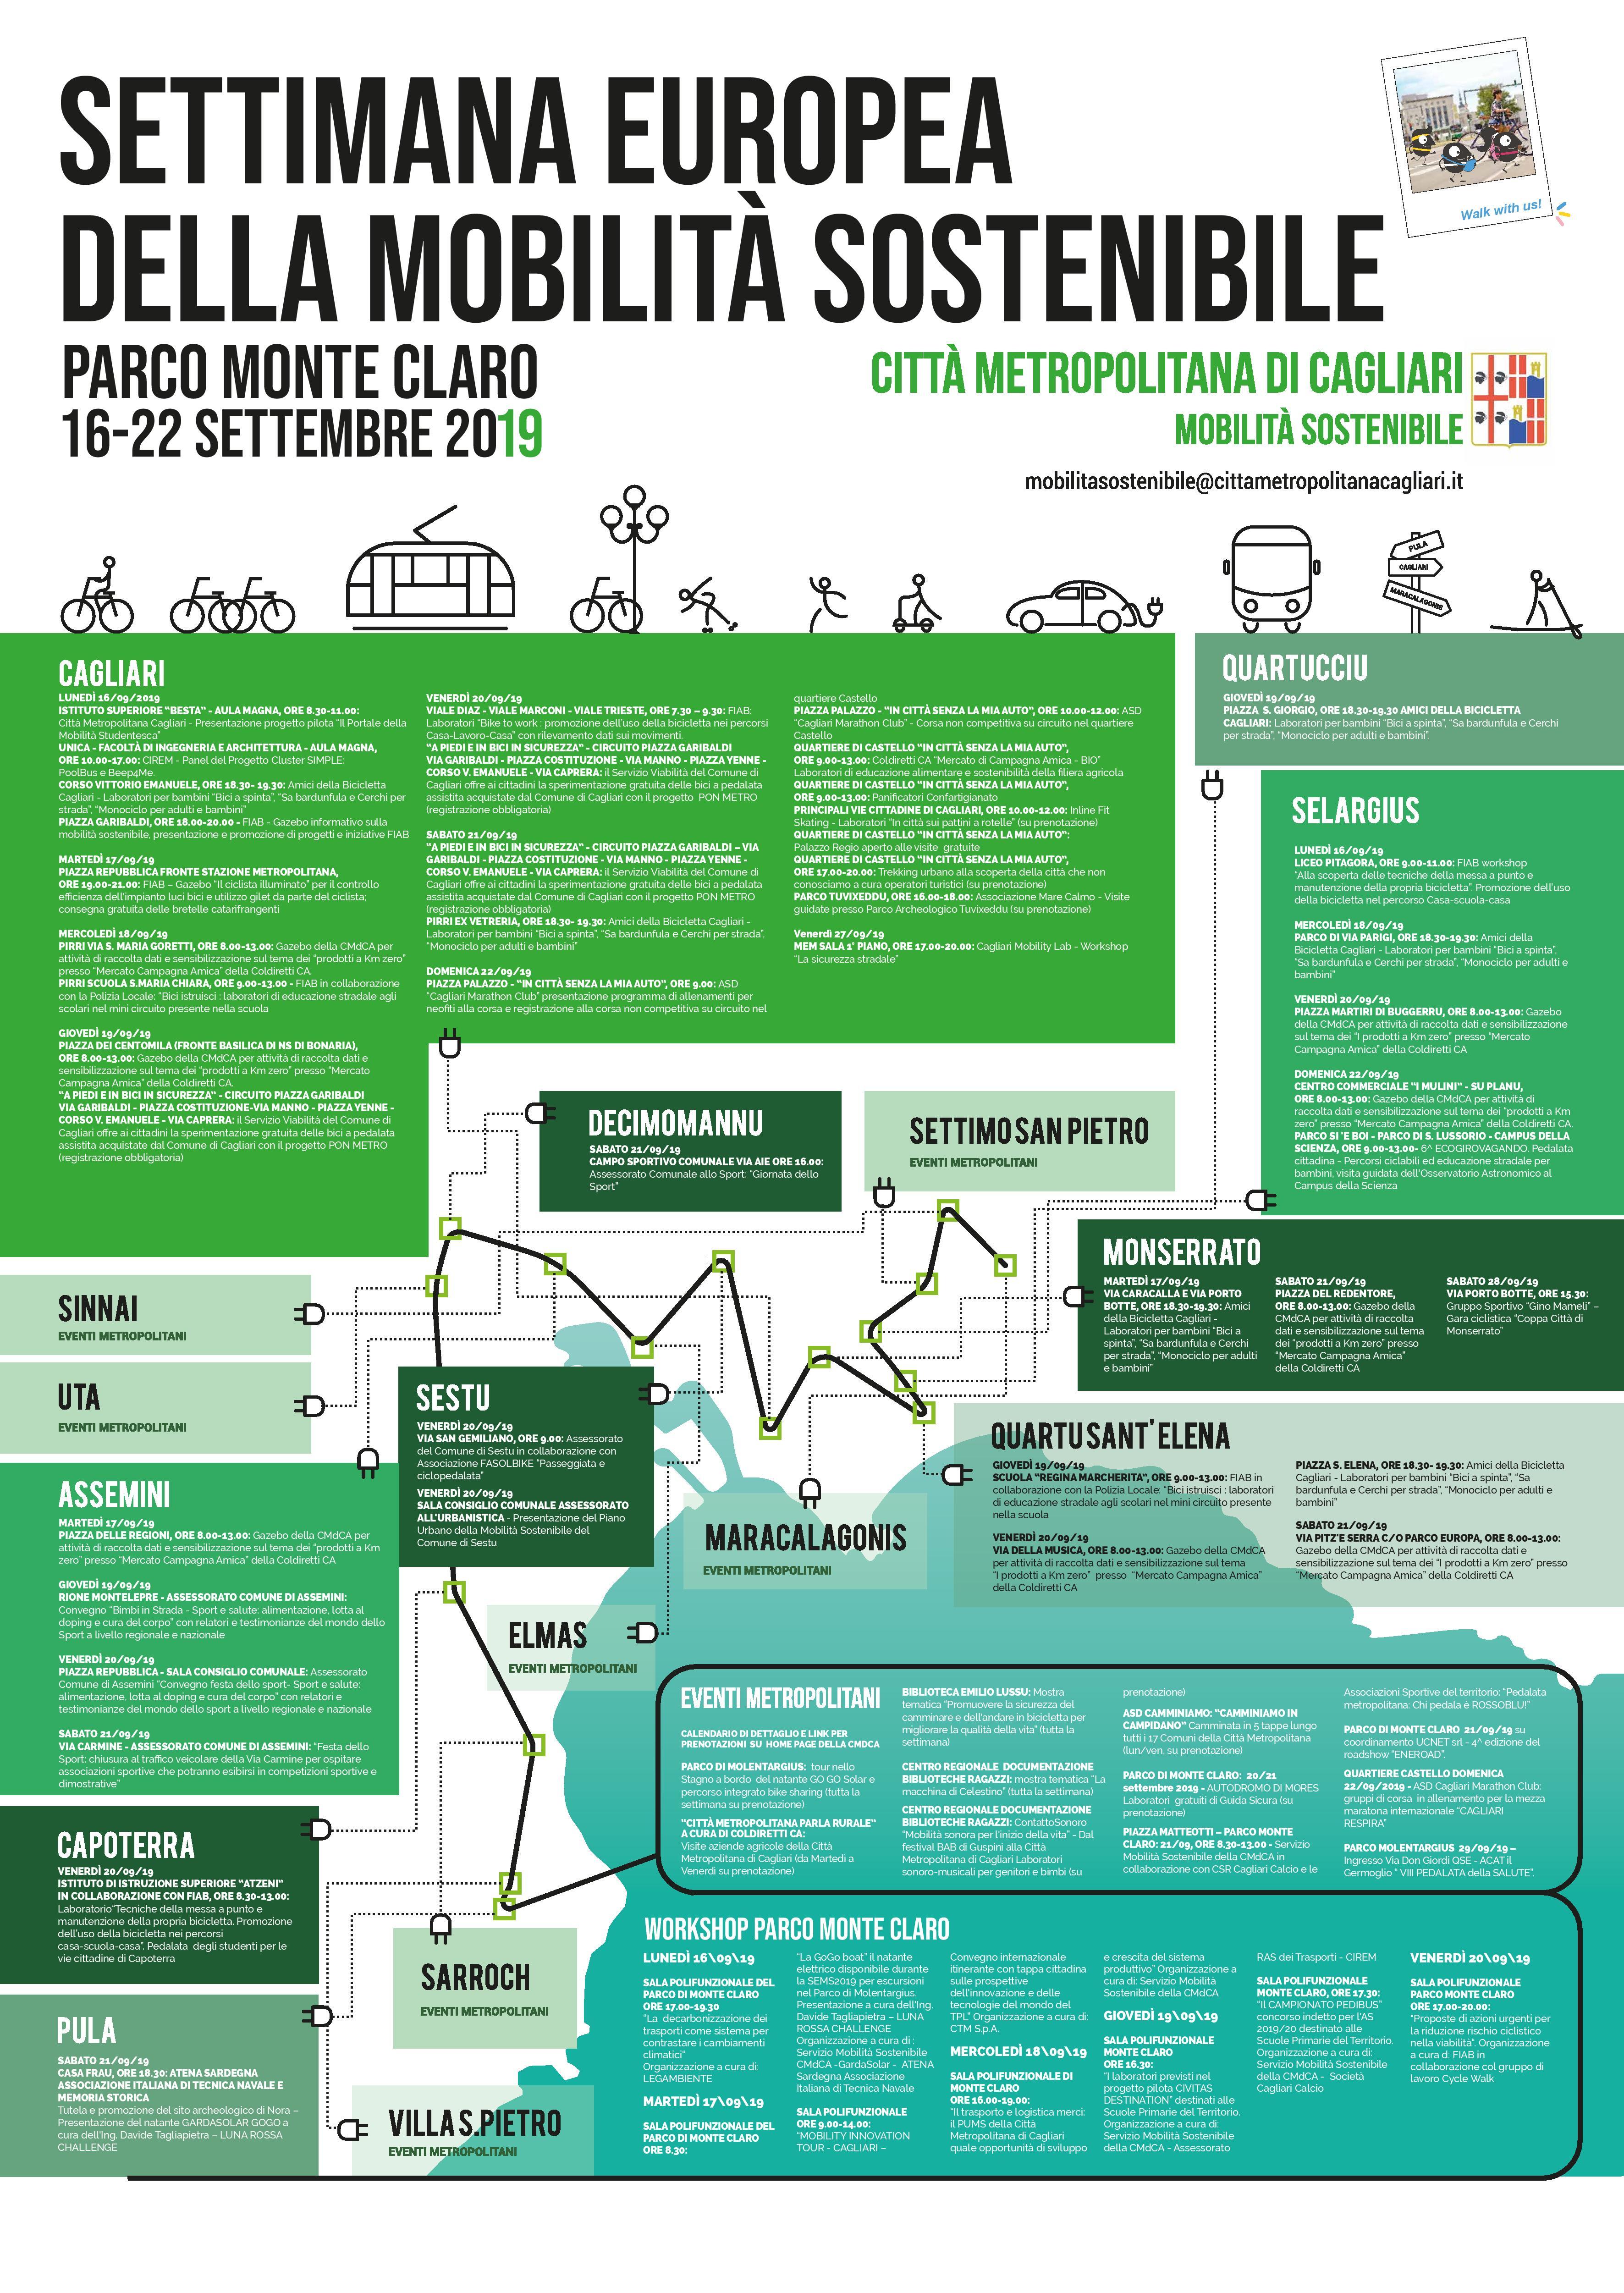 Pagina Di Calendario Settembre 2019.Settimana Europea Della Mobilita Sostenibile A Cagliari